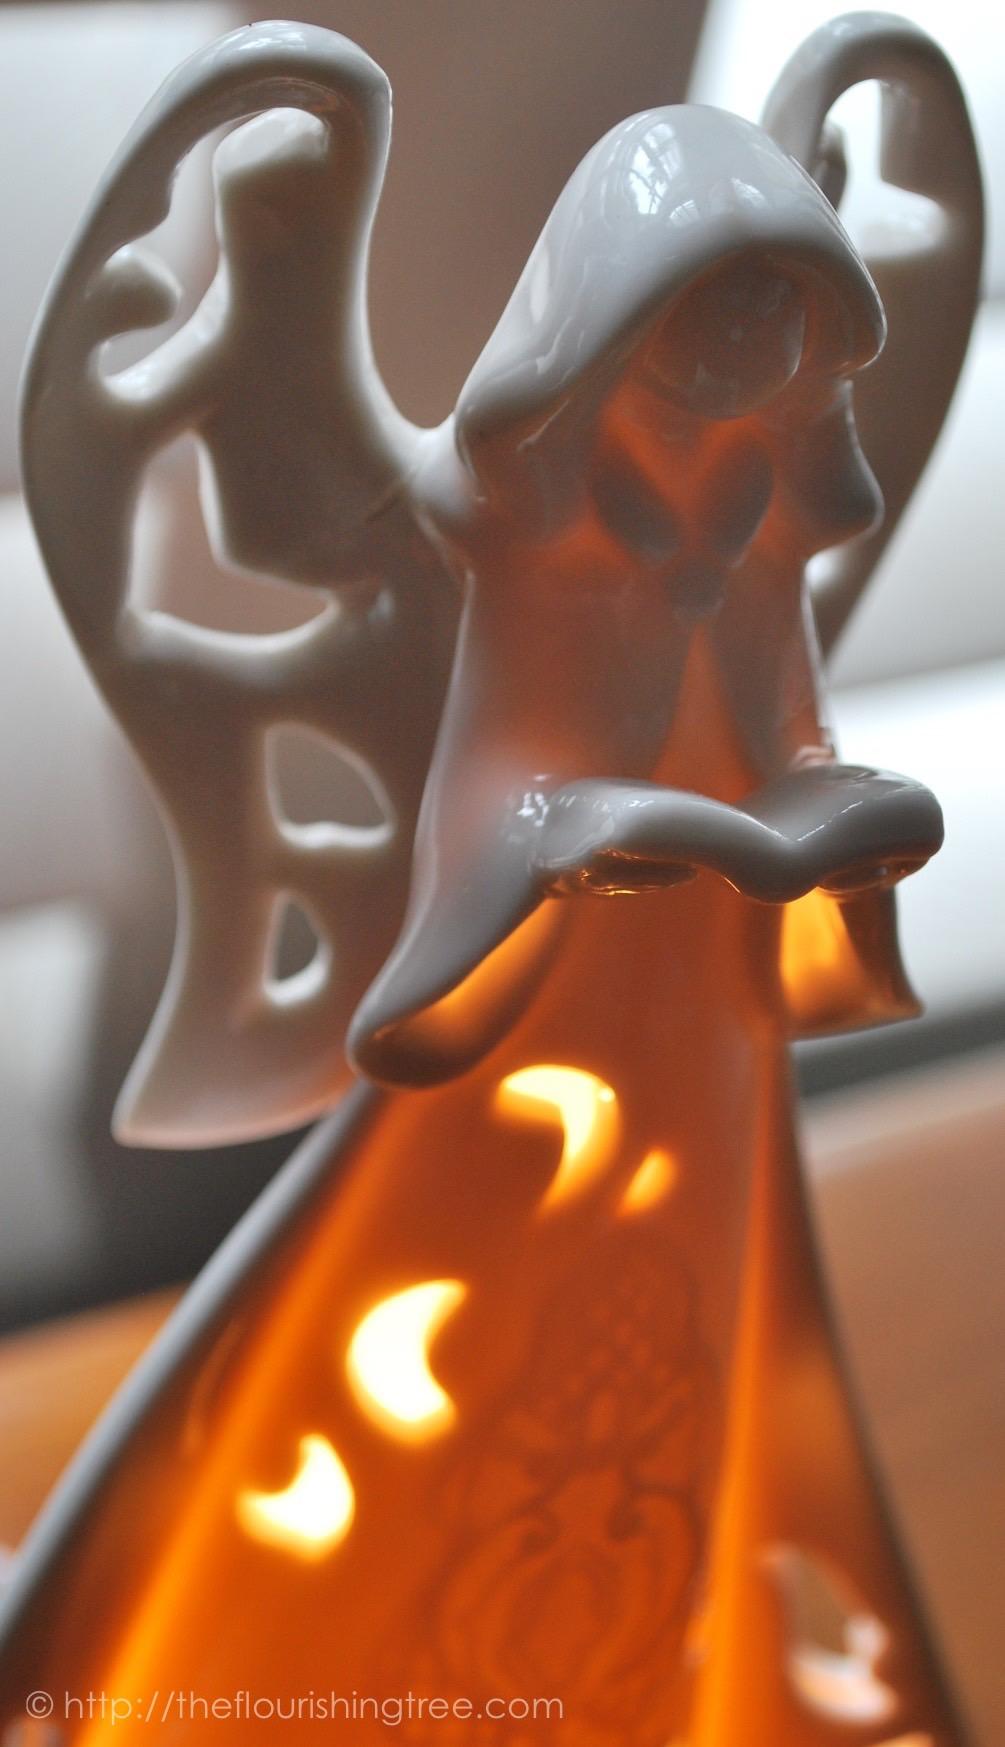 closeupChristmasangel2012_FT